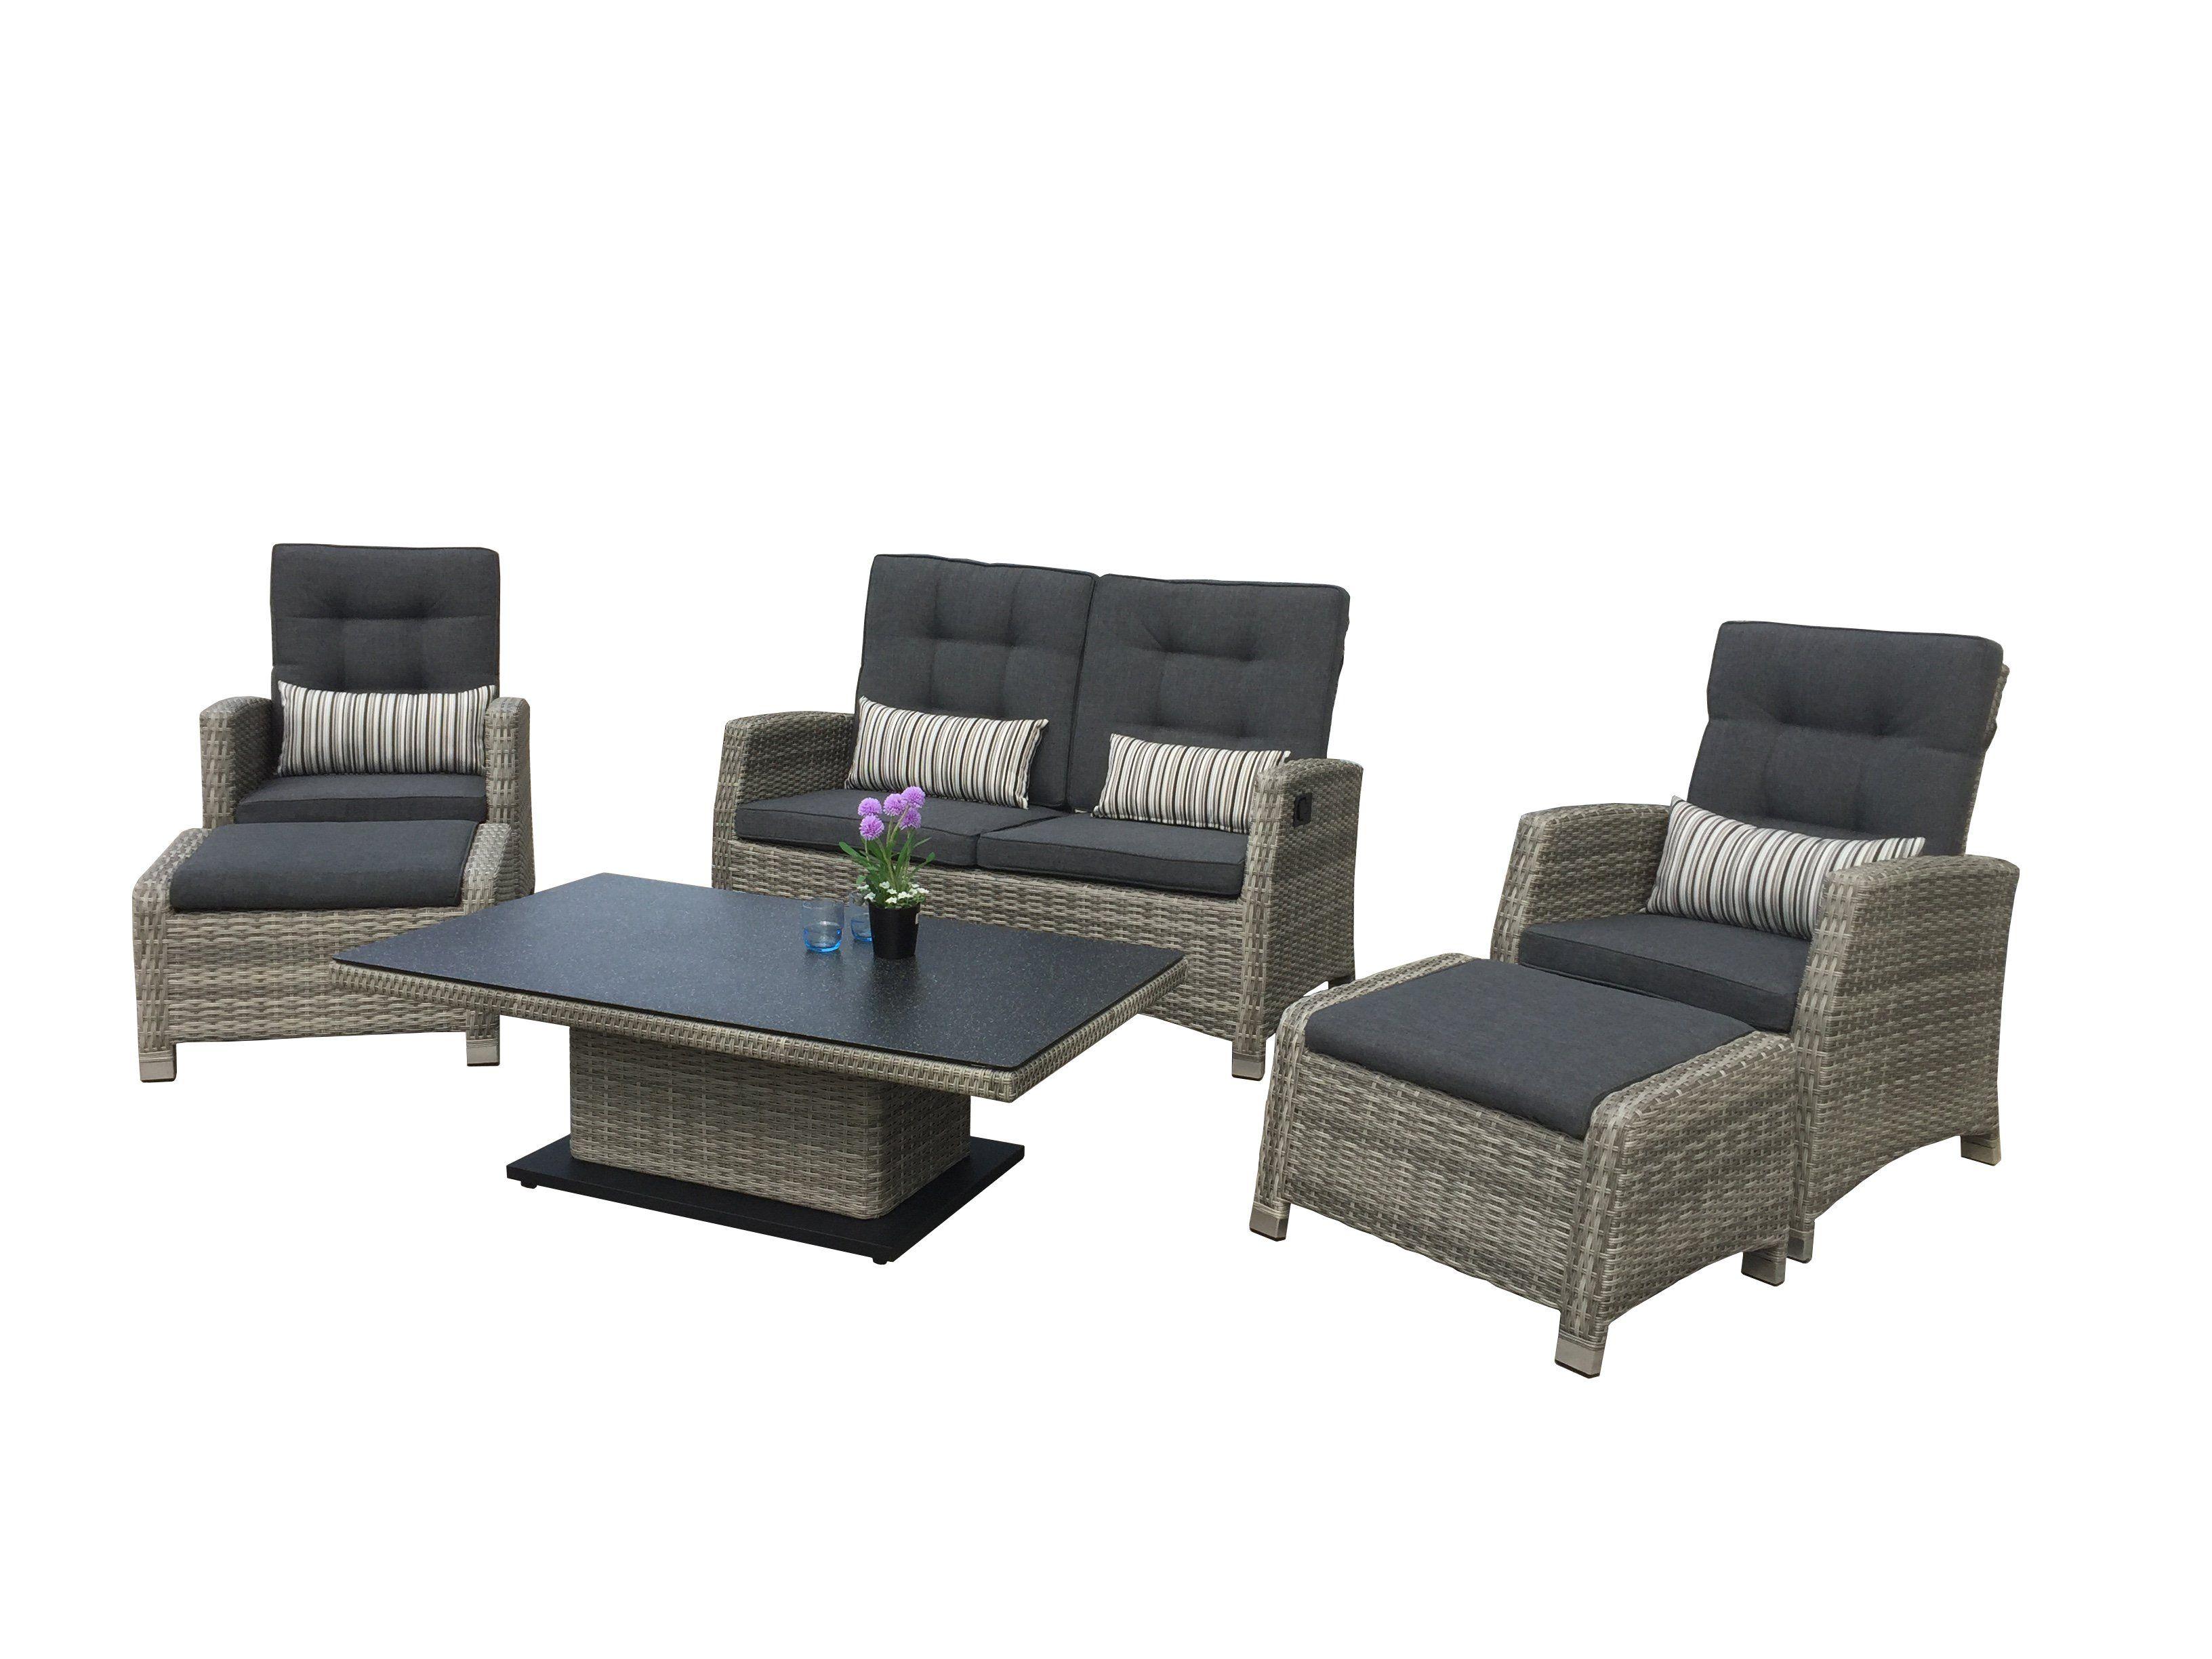 Alu Lounge Larissa Der Firma Siena Garden Aus Polyrattan Mit Einer 2er Bank 2 Sesseln 2 Hockern Und Einem Lounge Gartenmobel Polyrattan Lounges Lounge Mobel